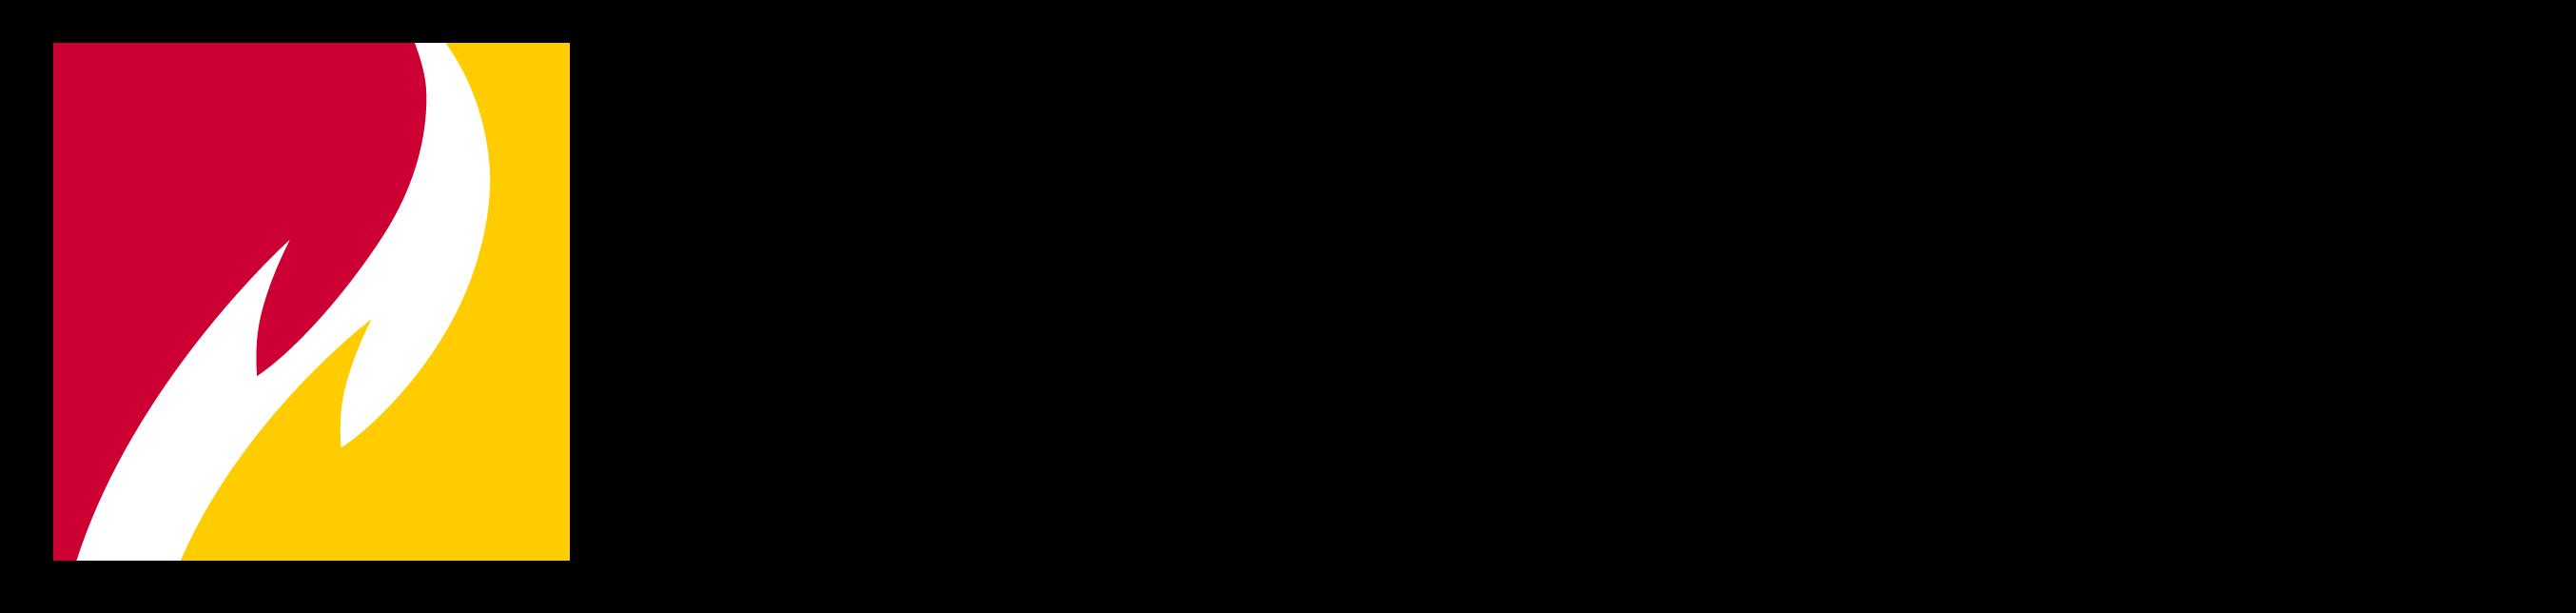 08-BoxFlameFullColor-WordmarkStackedBlack